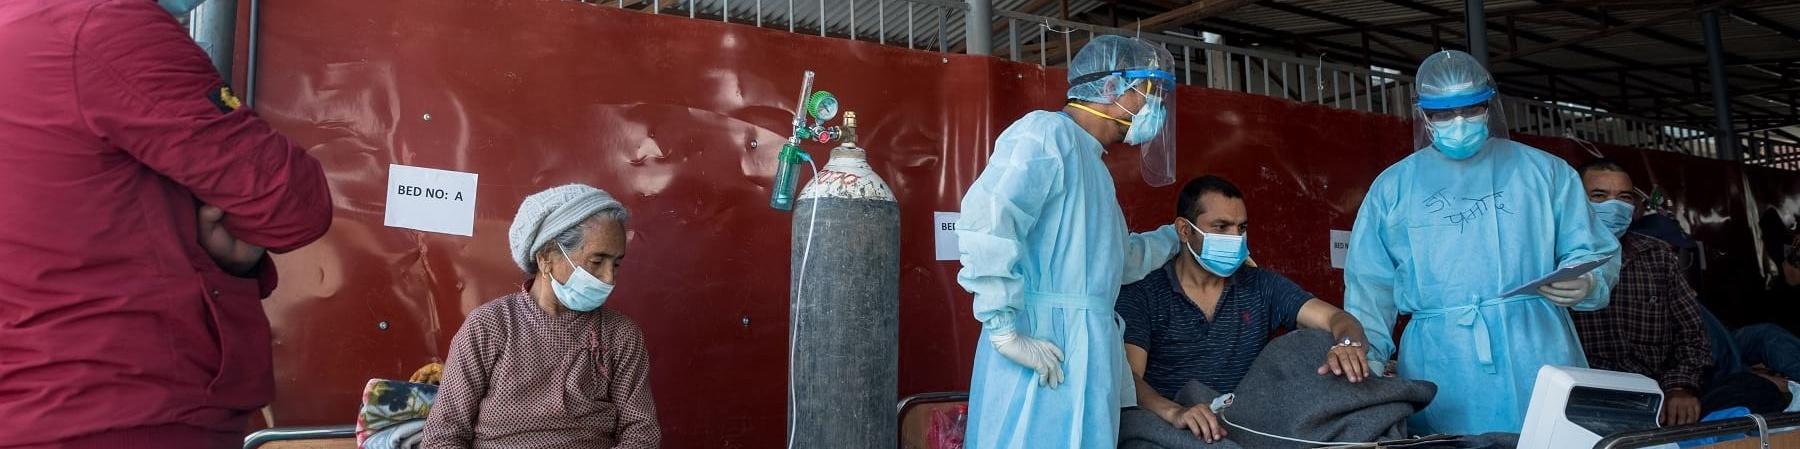 Stanza di ospedale in Nepal in cui si trovano due pazienti seduti sul letto e la mascherina e alcuni operatori vicino a loro.